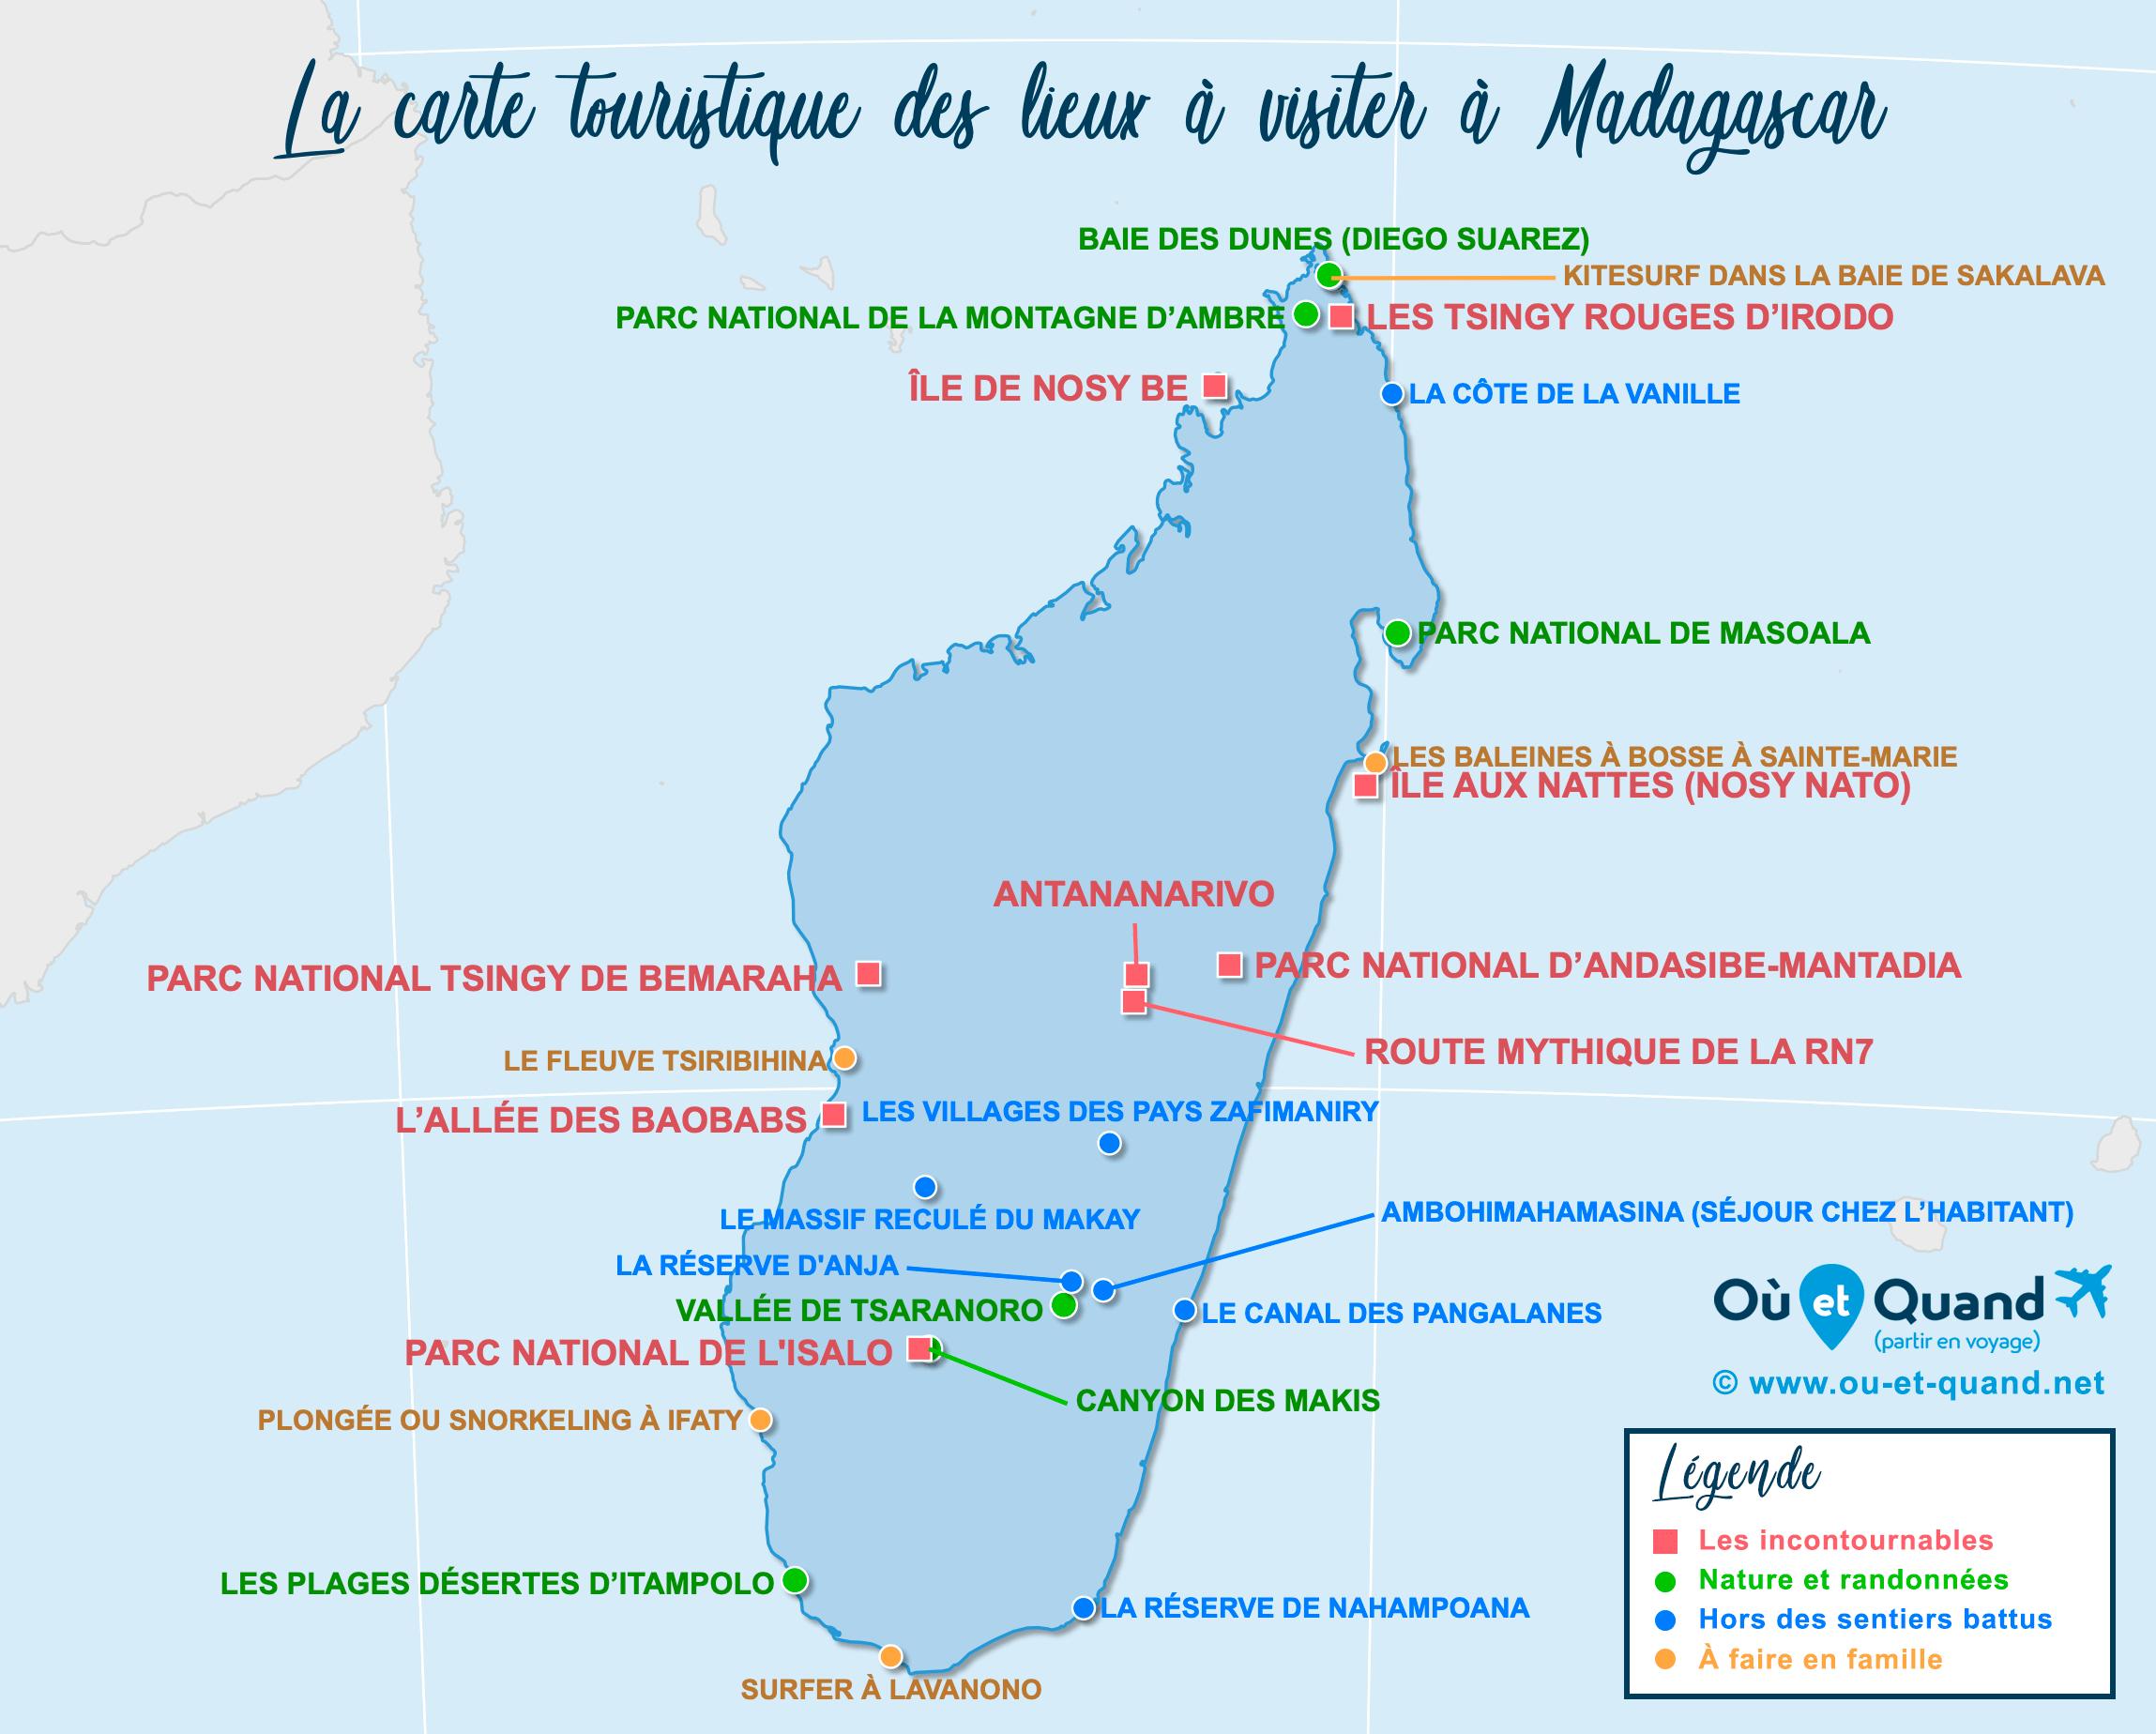 Carte Madagascar : tous les lieux à visiter lors de votre voyage